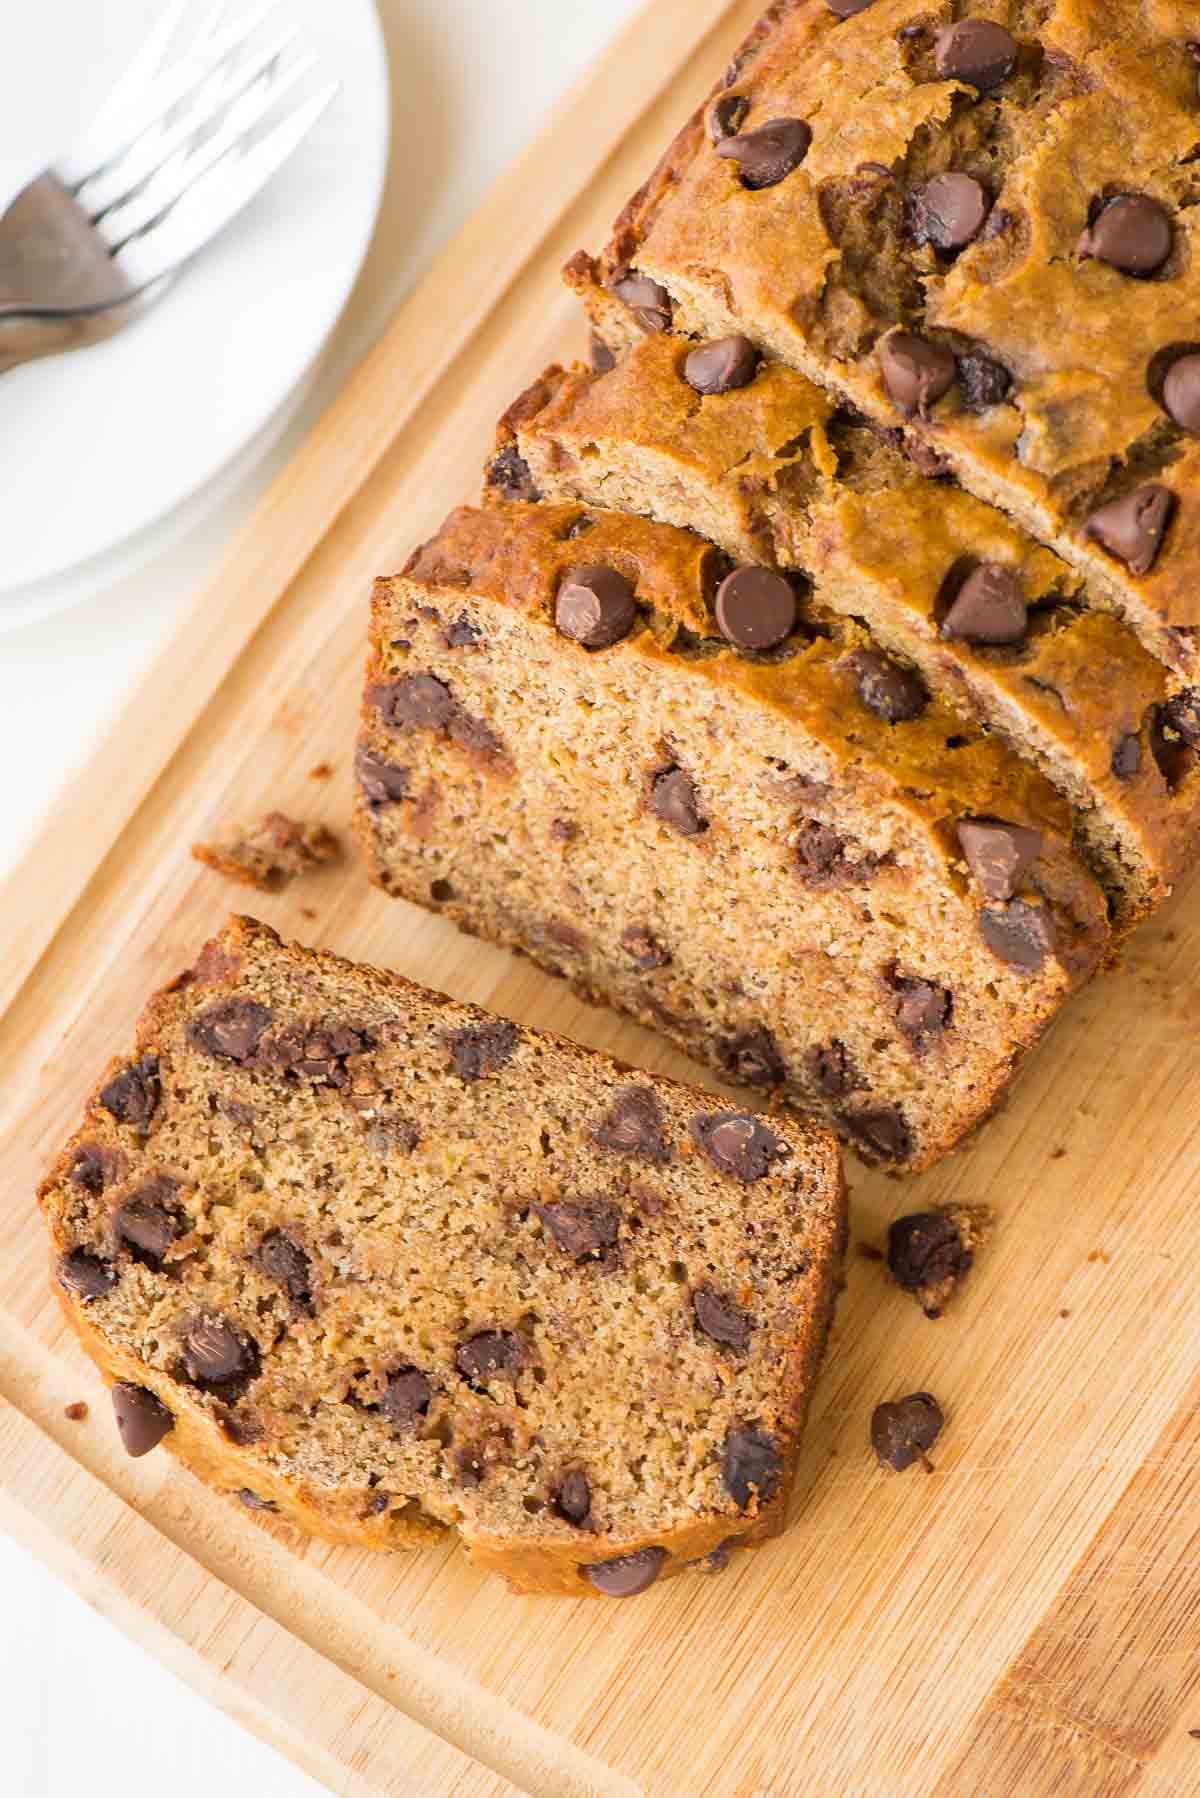 Easy Healthy Banana Bread Recipe  Healthy Banana Bread Recipe with Chocolate Chips